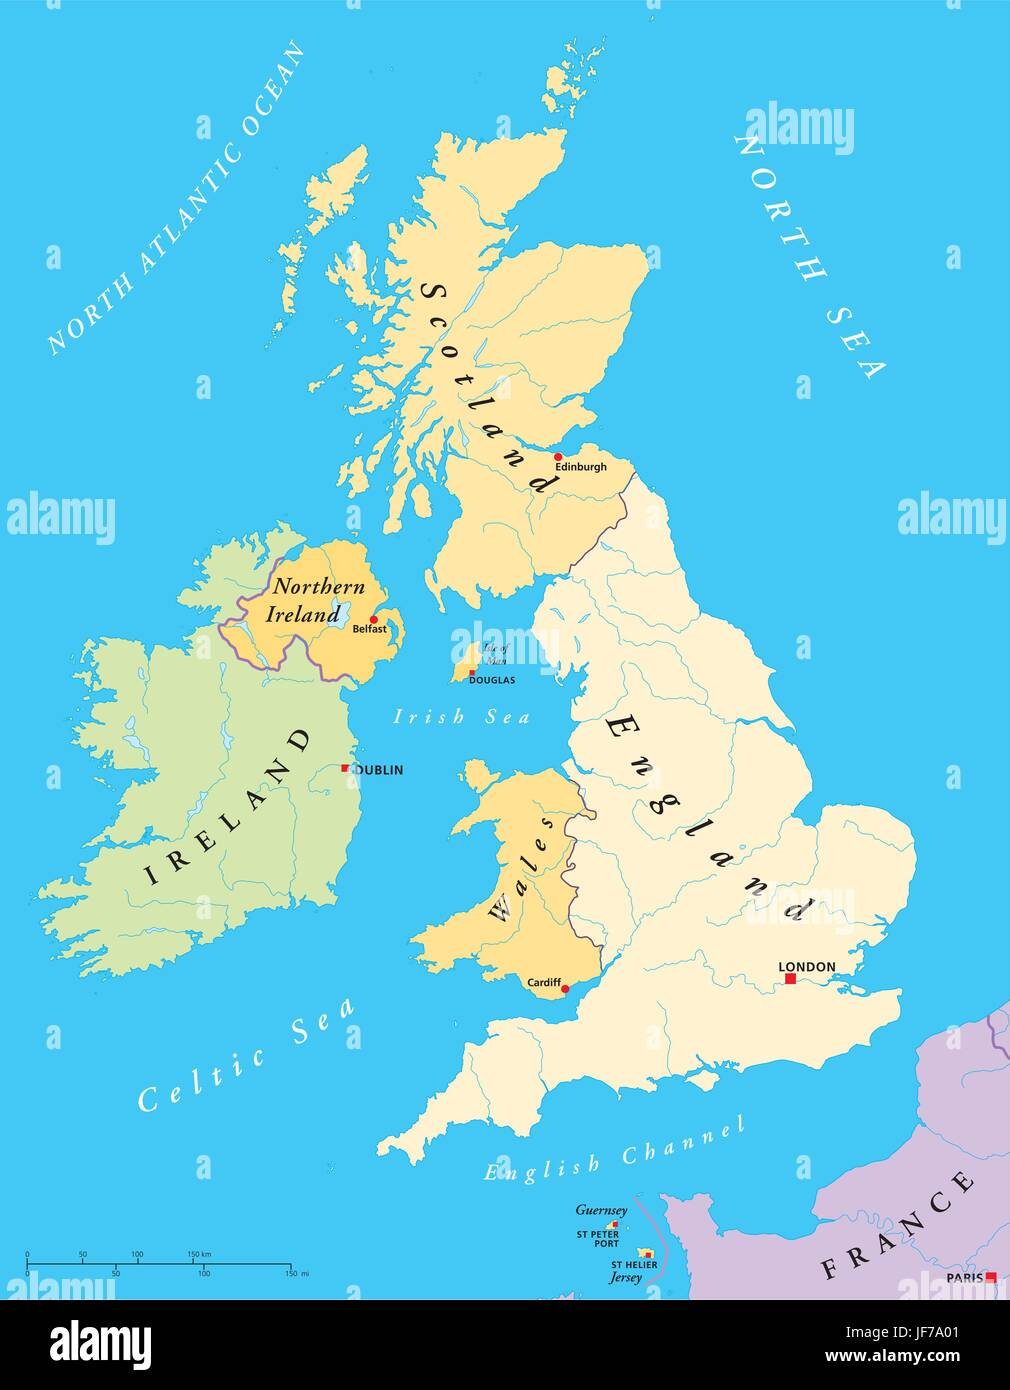 Cartina Gran Bretagna Regioni.Isole L Irlanda Britannico Gran Bretagna Mappa Atlas Mappa Del Mondo Viaggi Immagine E Vettoriale Alamy